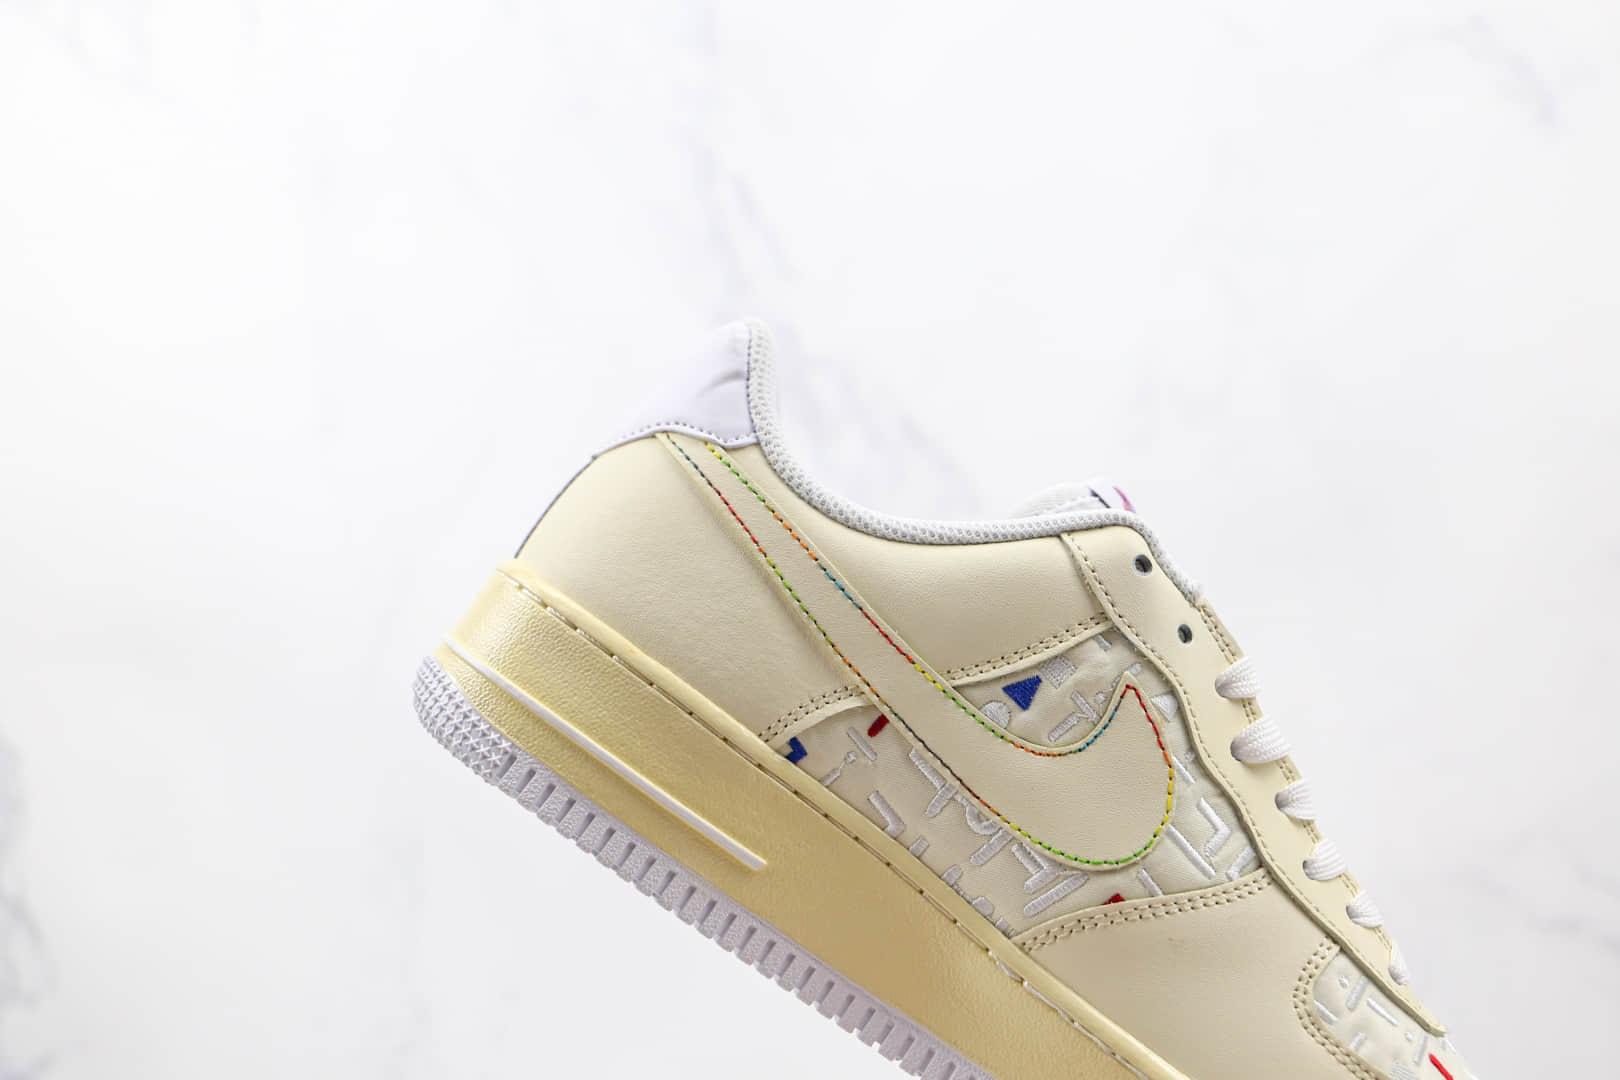 耐克Nike Air Force 1 Low纯原版本低帮空军一号米黄色字母印花韩文刺绣板鞋内置气垫 货号:DO2701-715